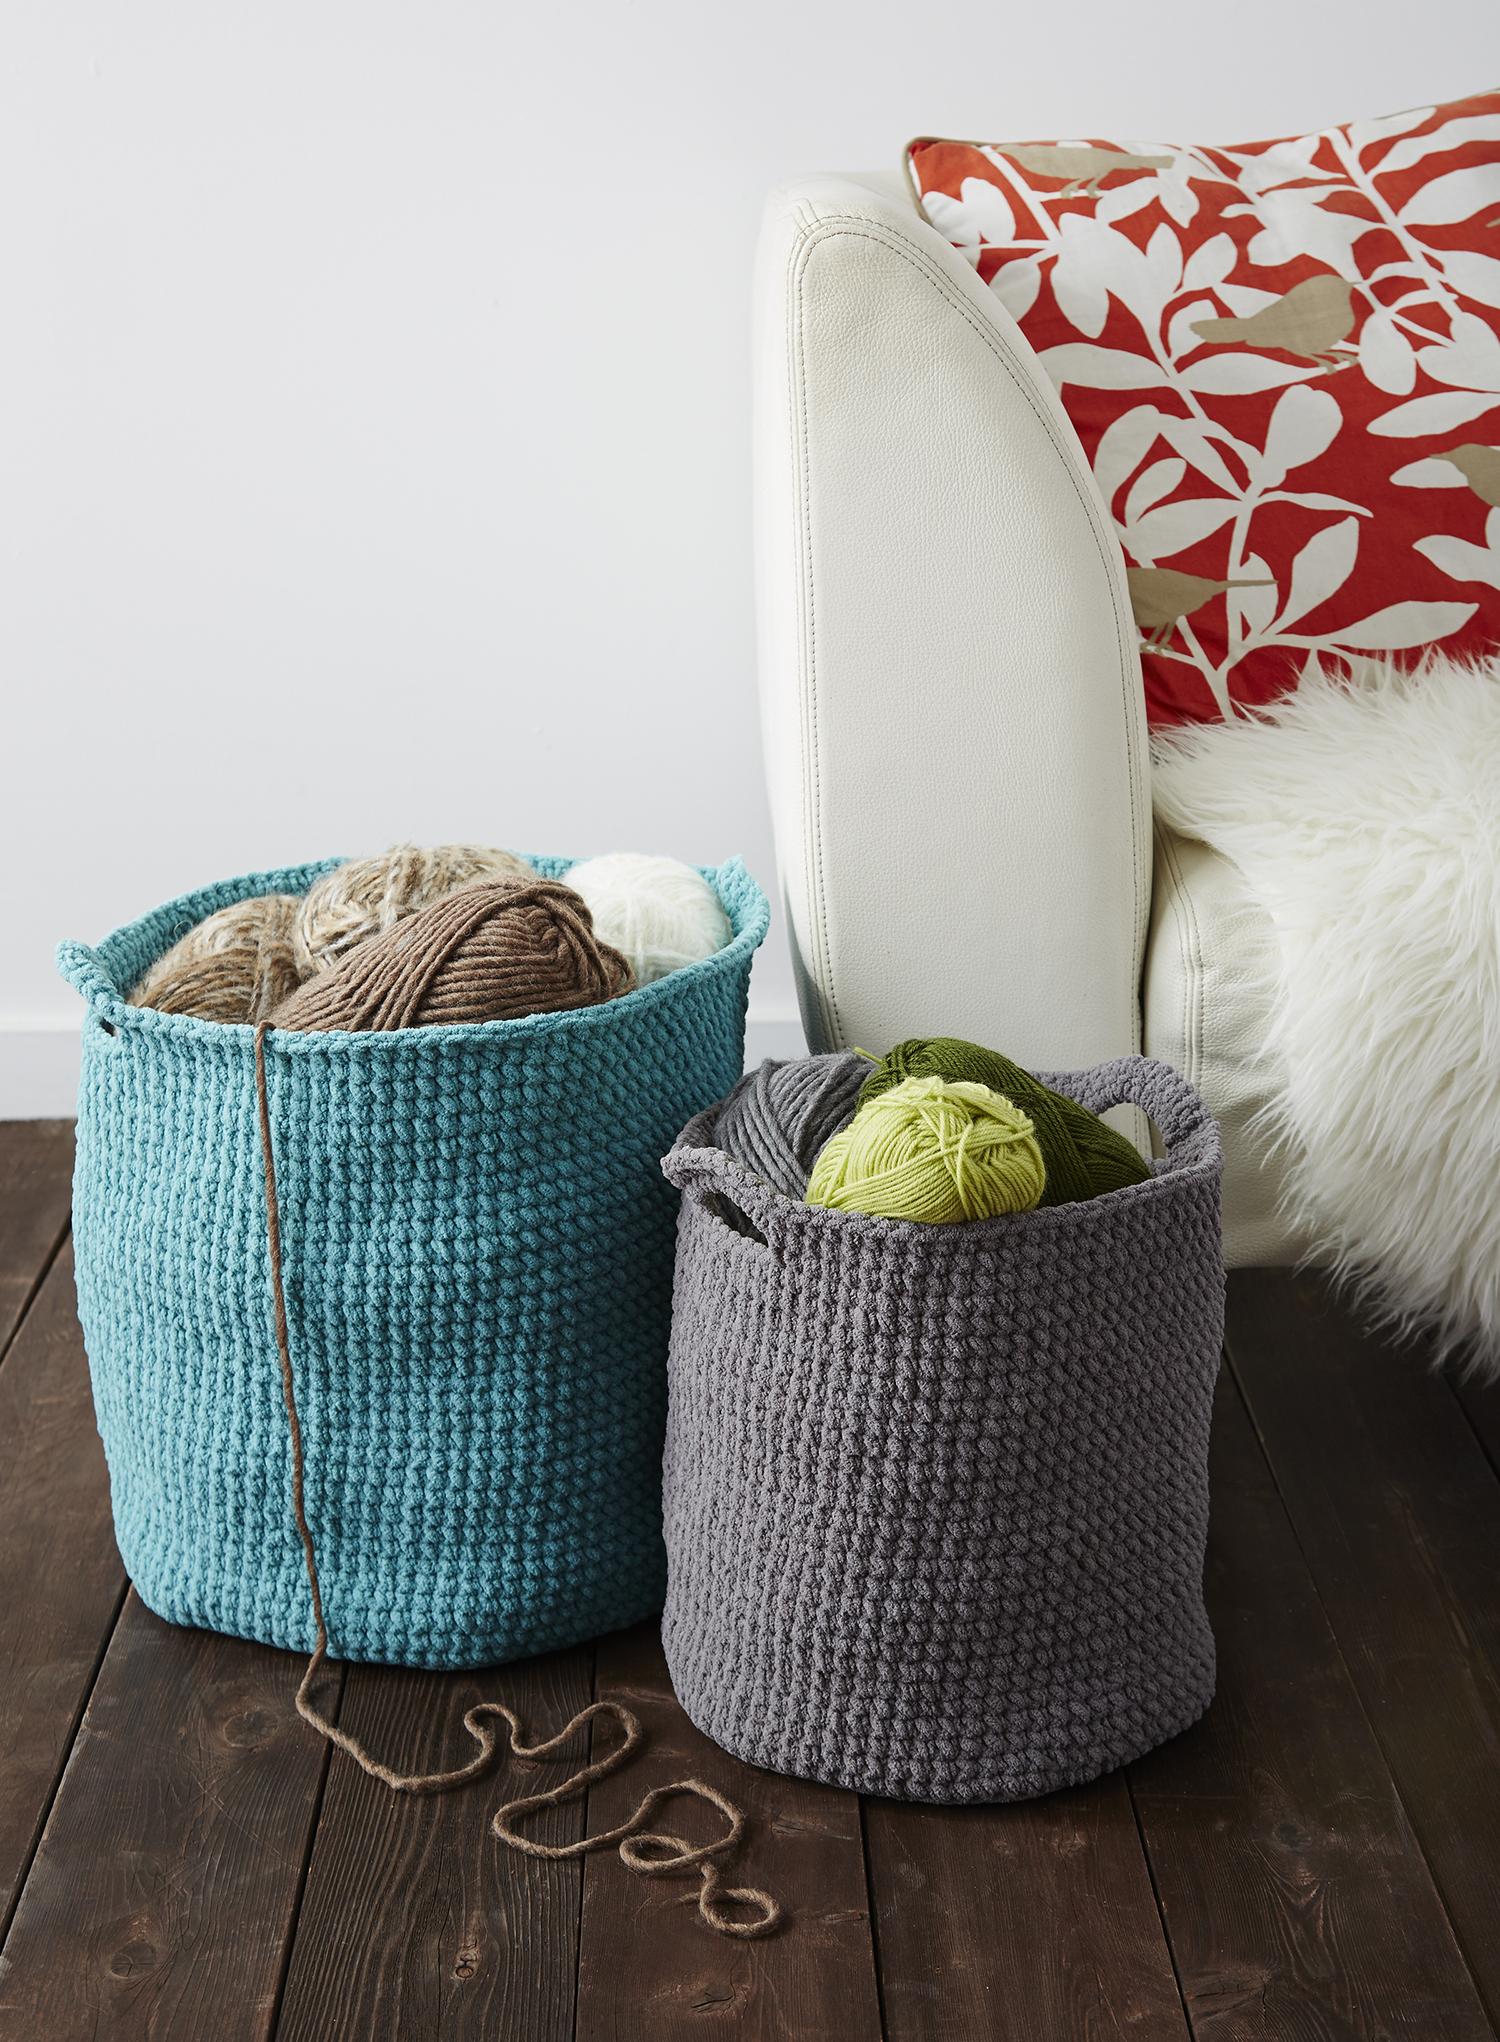 Bernat Blanket Stash Baskets | Knitting/Crochet | Pinterest